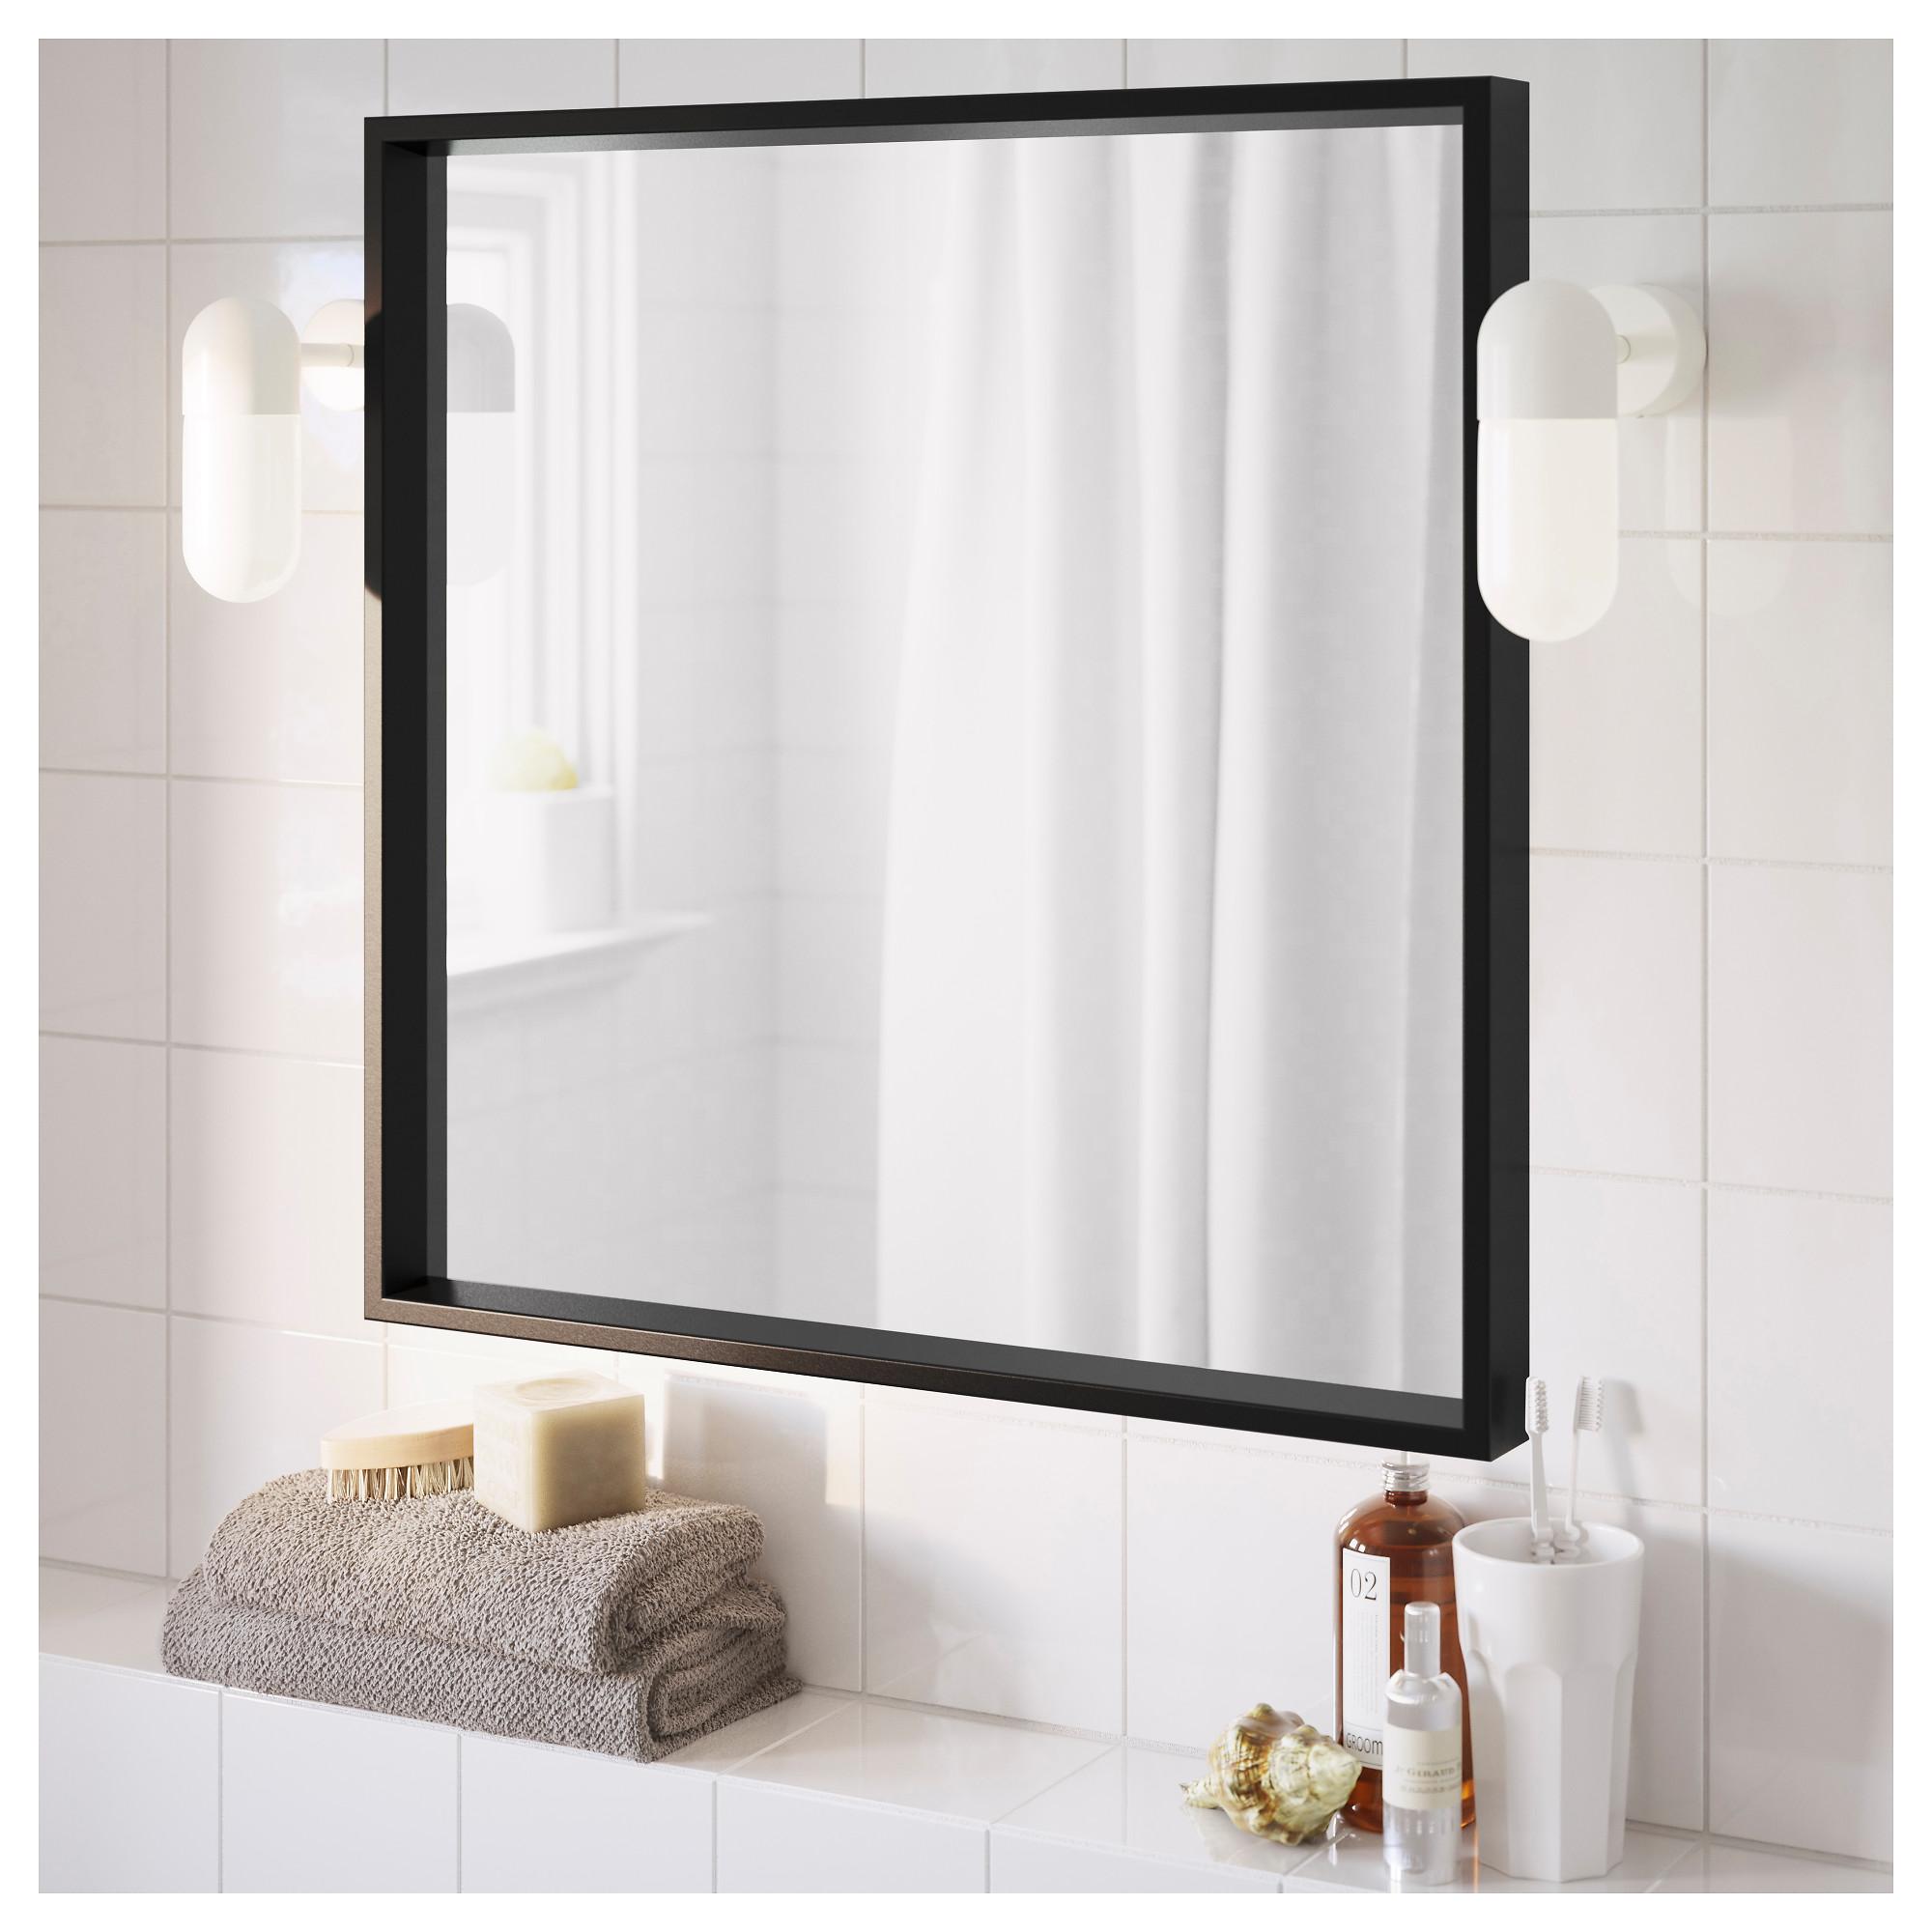 浴室鏡| 梳妝鏡- ◇鏡子◇ - 上海糊塗宜家代購- 淘寶海外